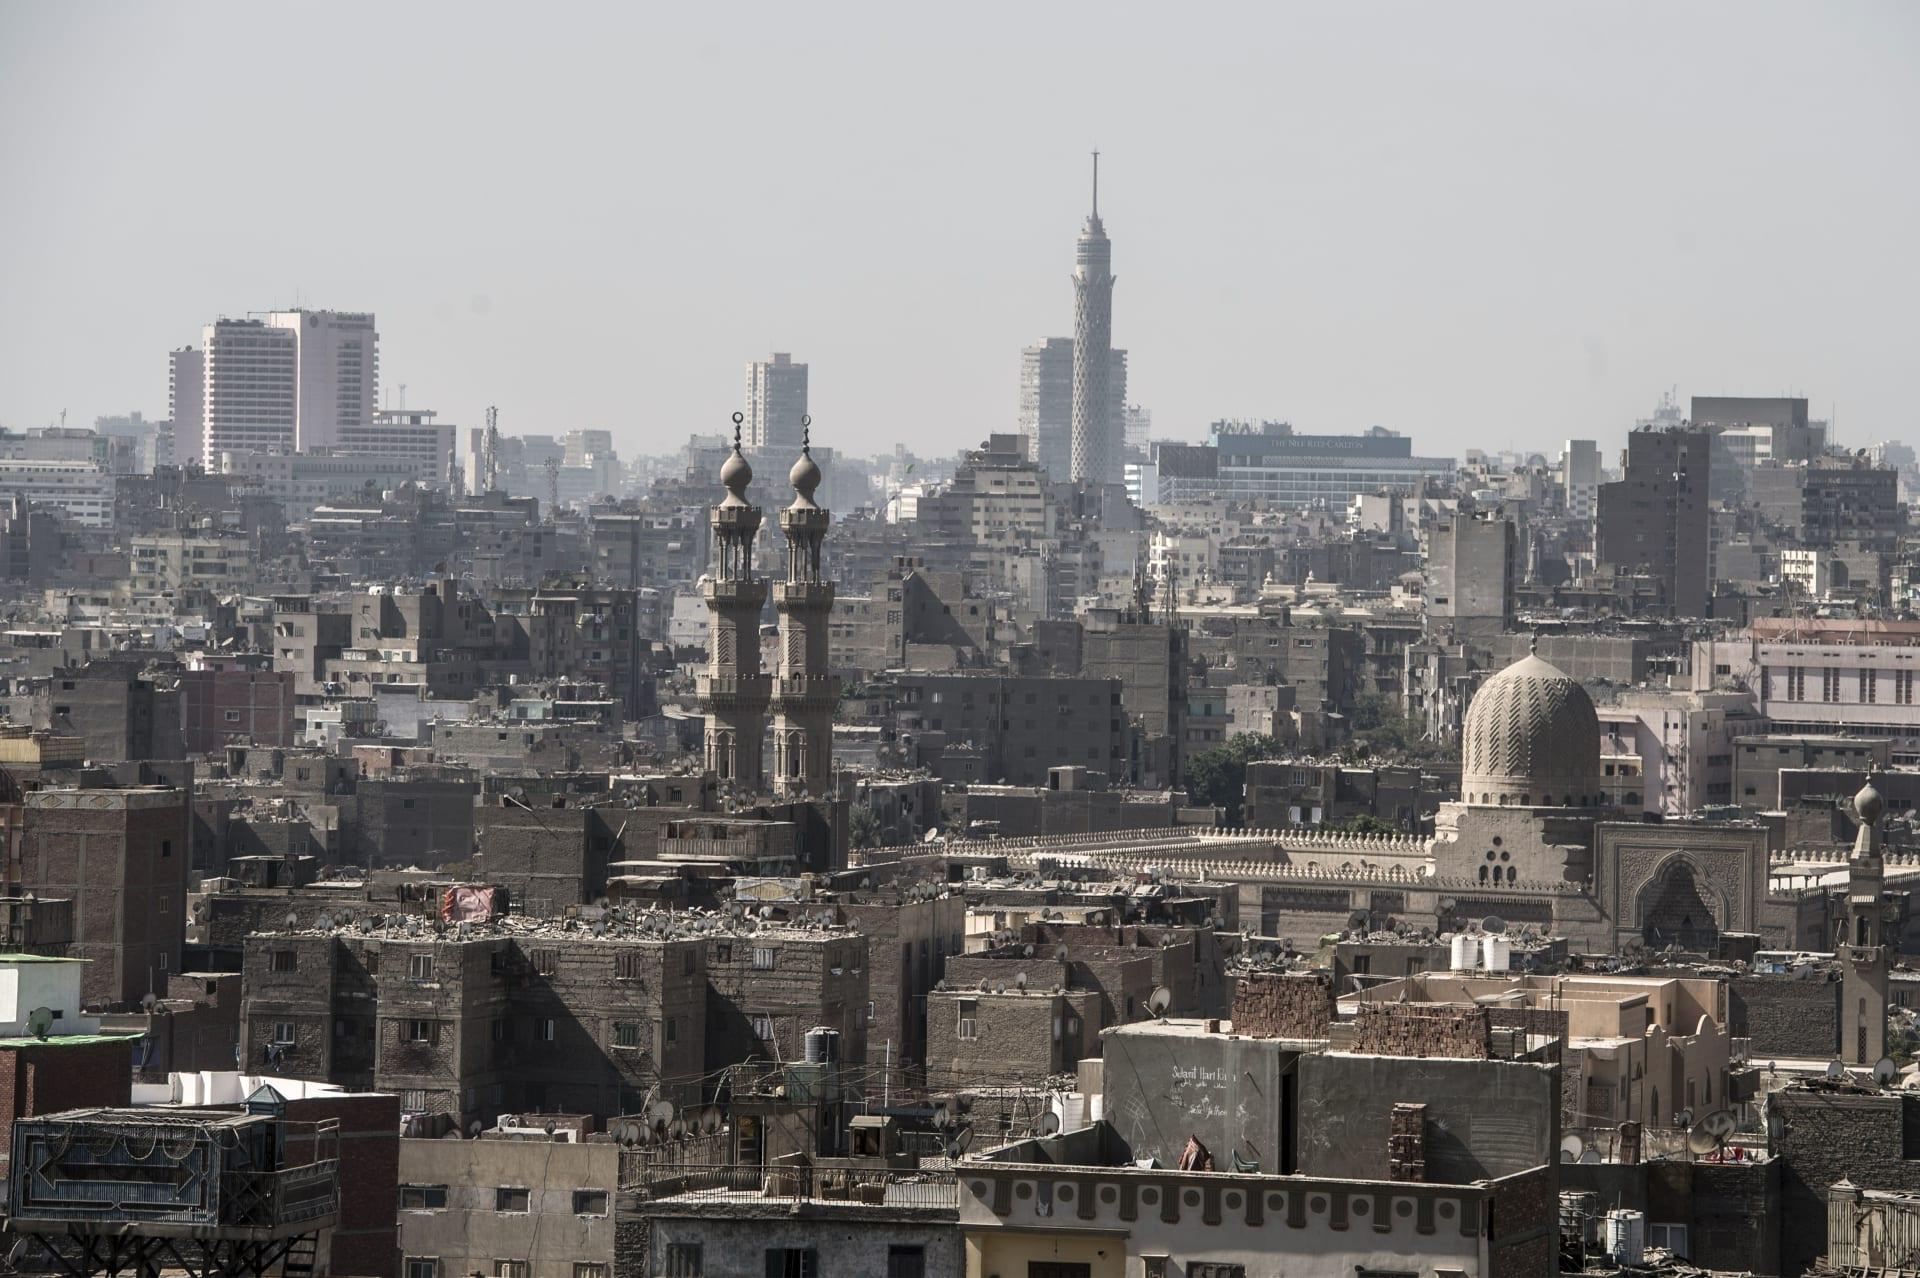 صورة أرشيفية عامة لجانب من العاصمة المصرية القاهرة